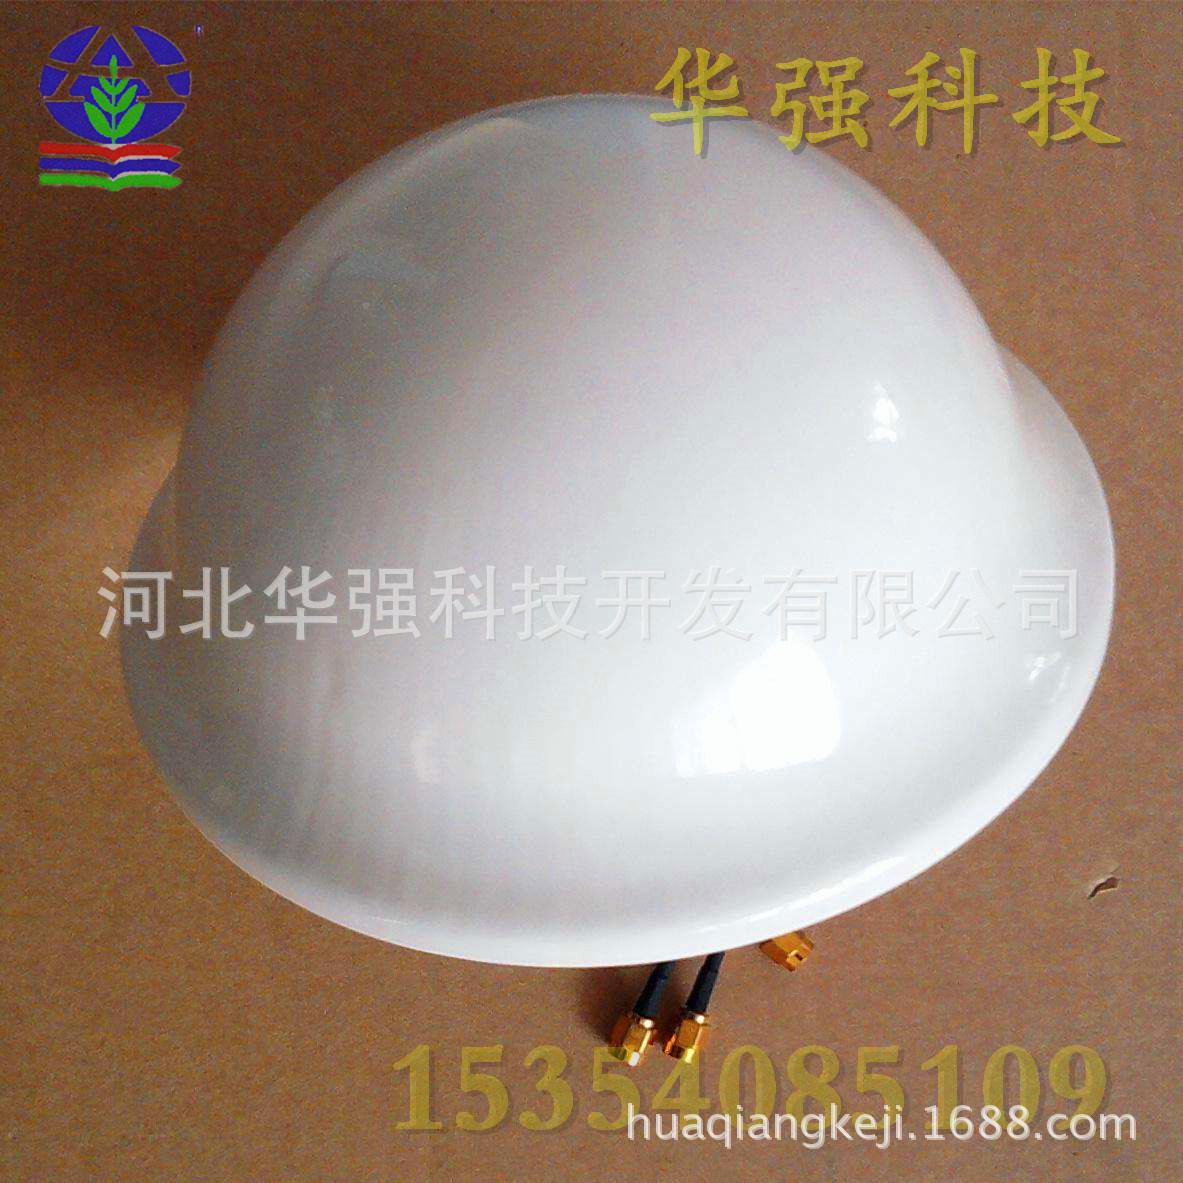 厂家销售玻璃钢圆形天线罩户外大型玻璃钢天线罩高透波